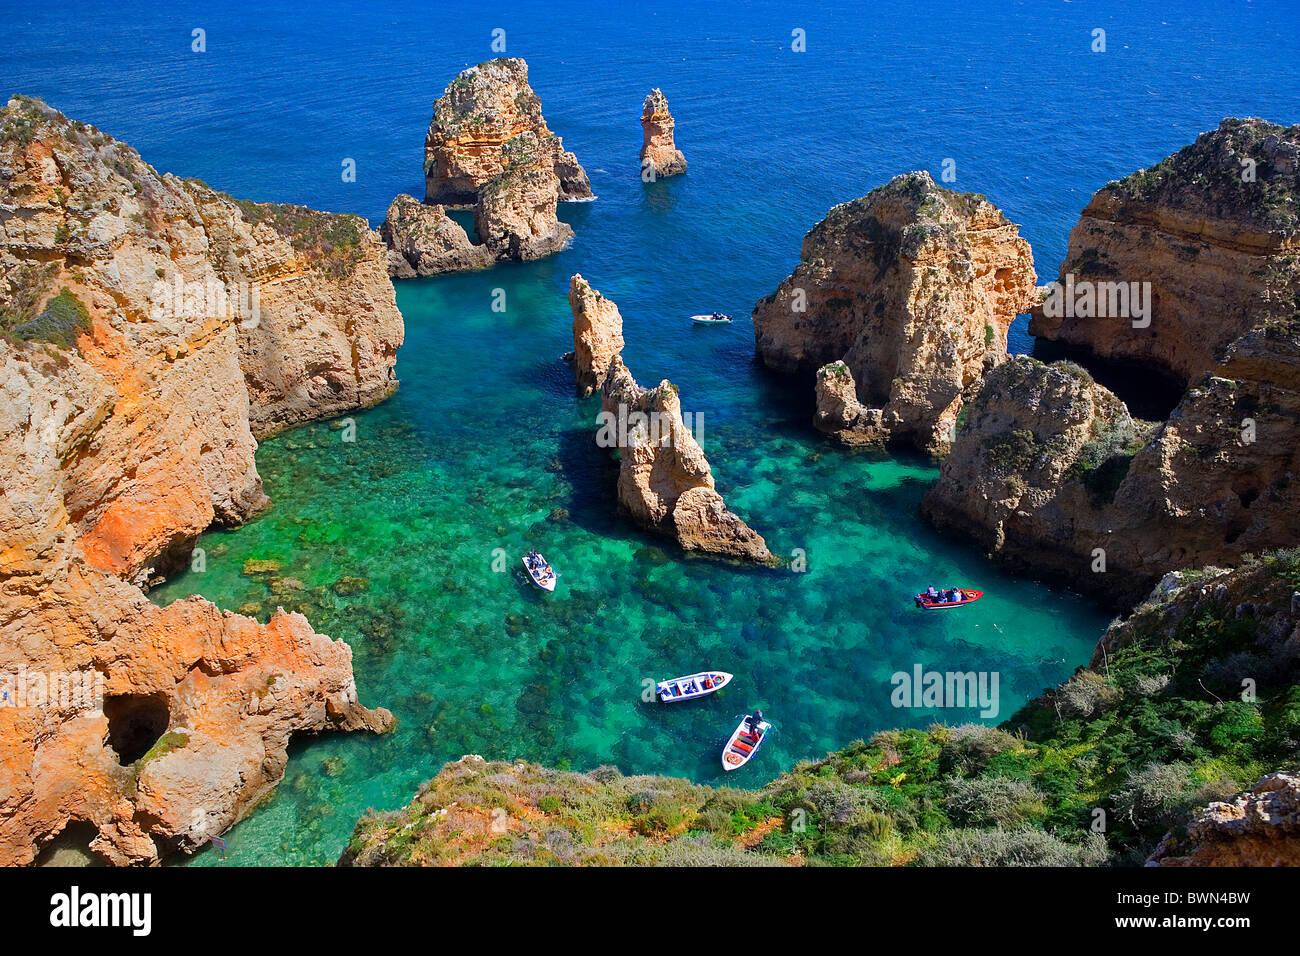 Portugal Europa Europe Région Algarve paysage mer océan l'eau plage gens rocky rock maison de vacances Photo Stock